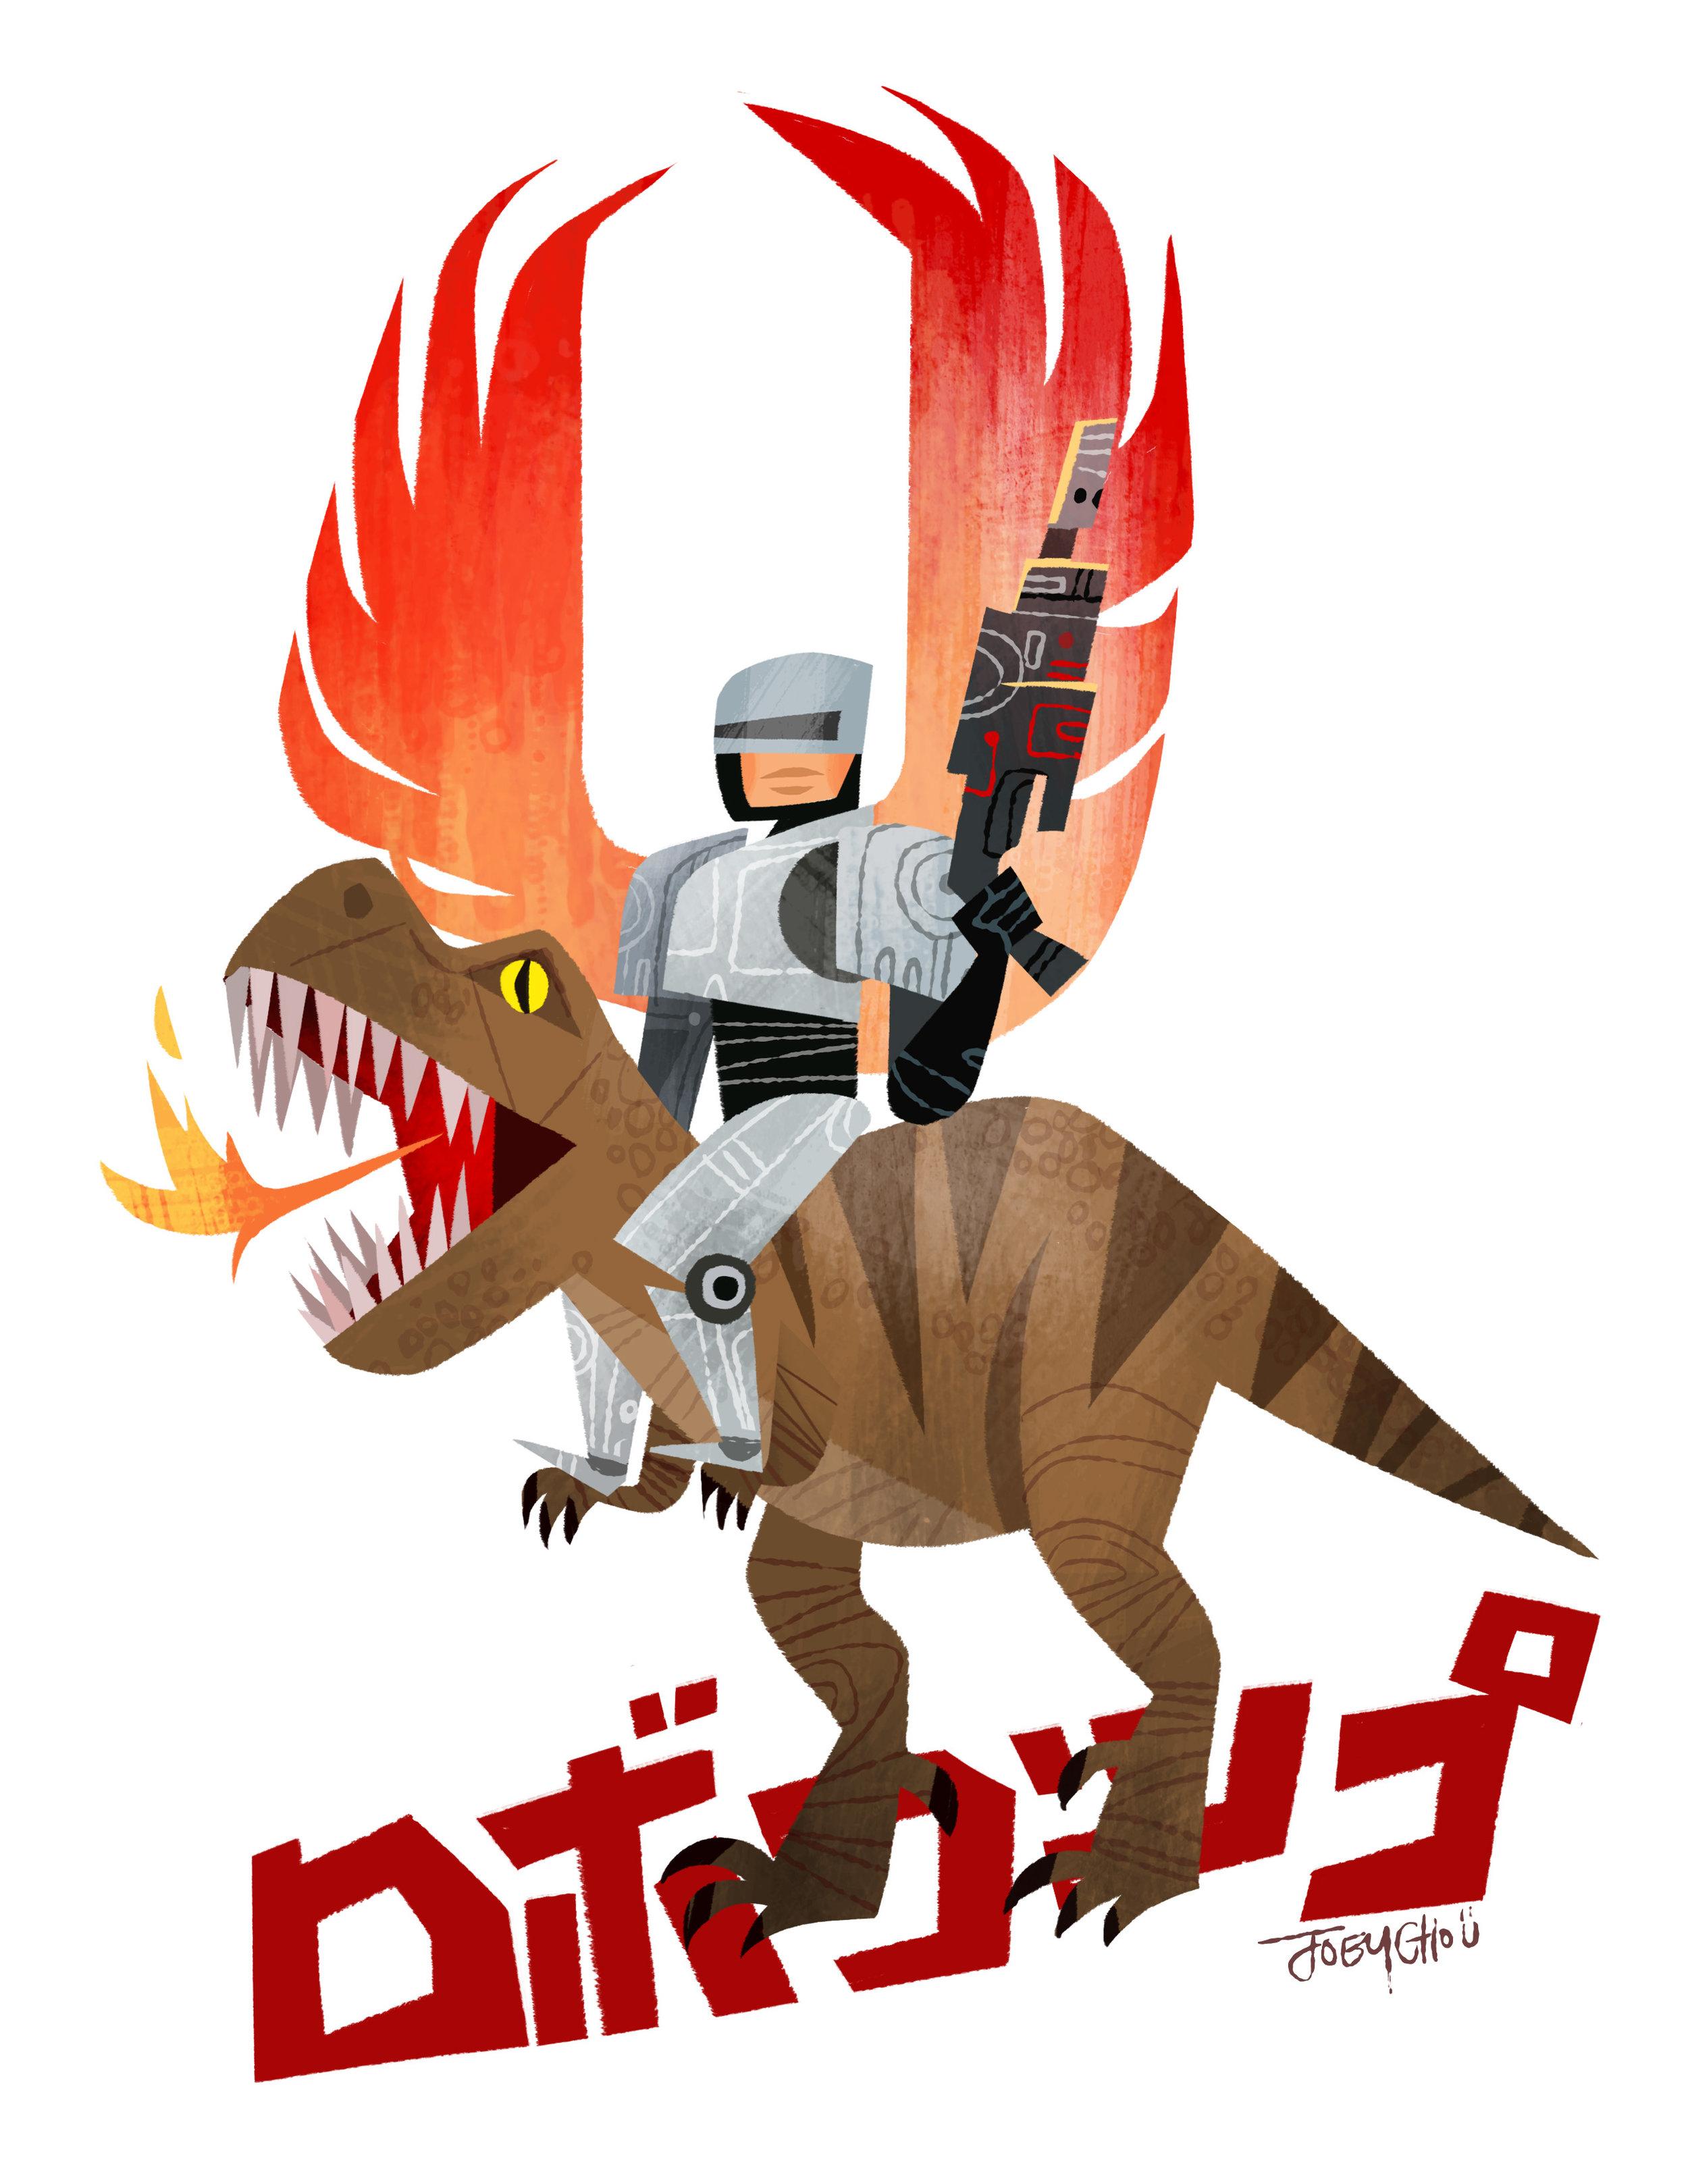 robocop_t_Rex.jpg